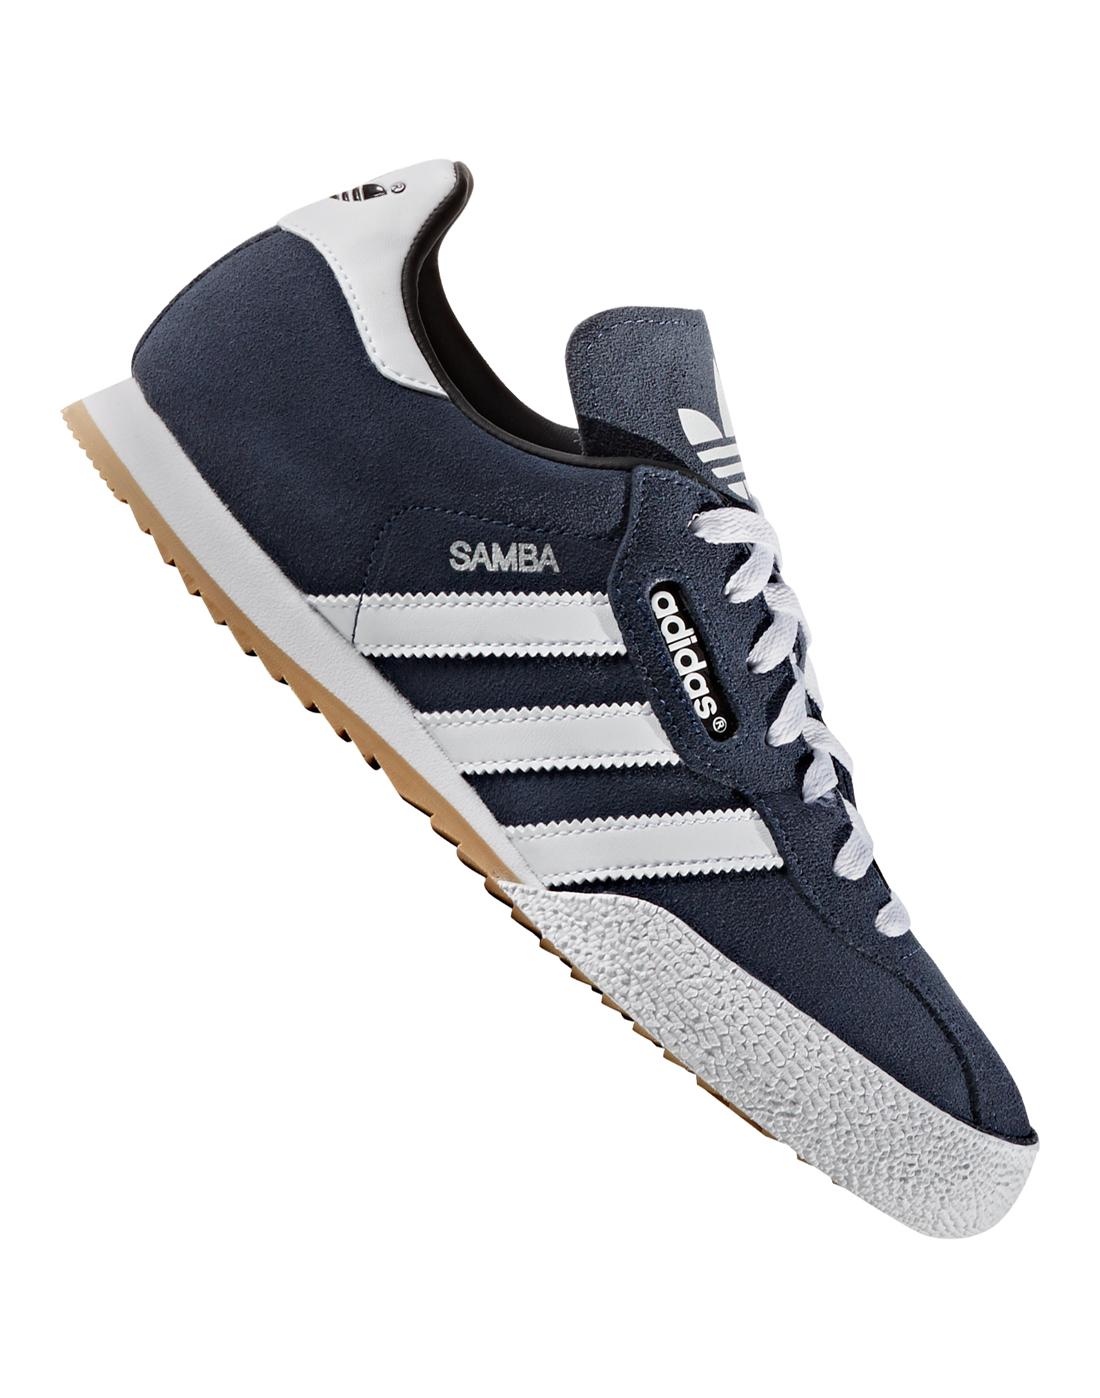 Capitán Brie Numérico tenga en cuenta  adidas Originals Mens Samba Super Suede - Navy   Life Style Sports IE